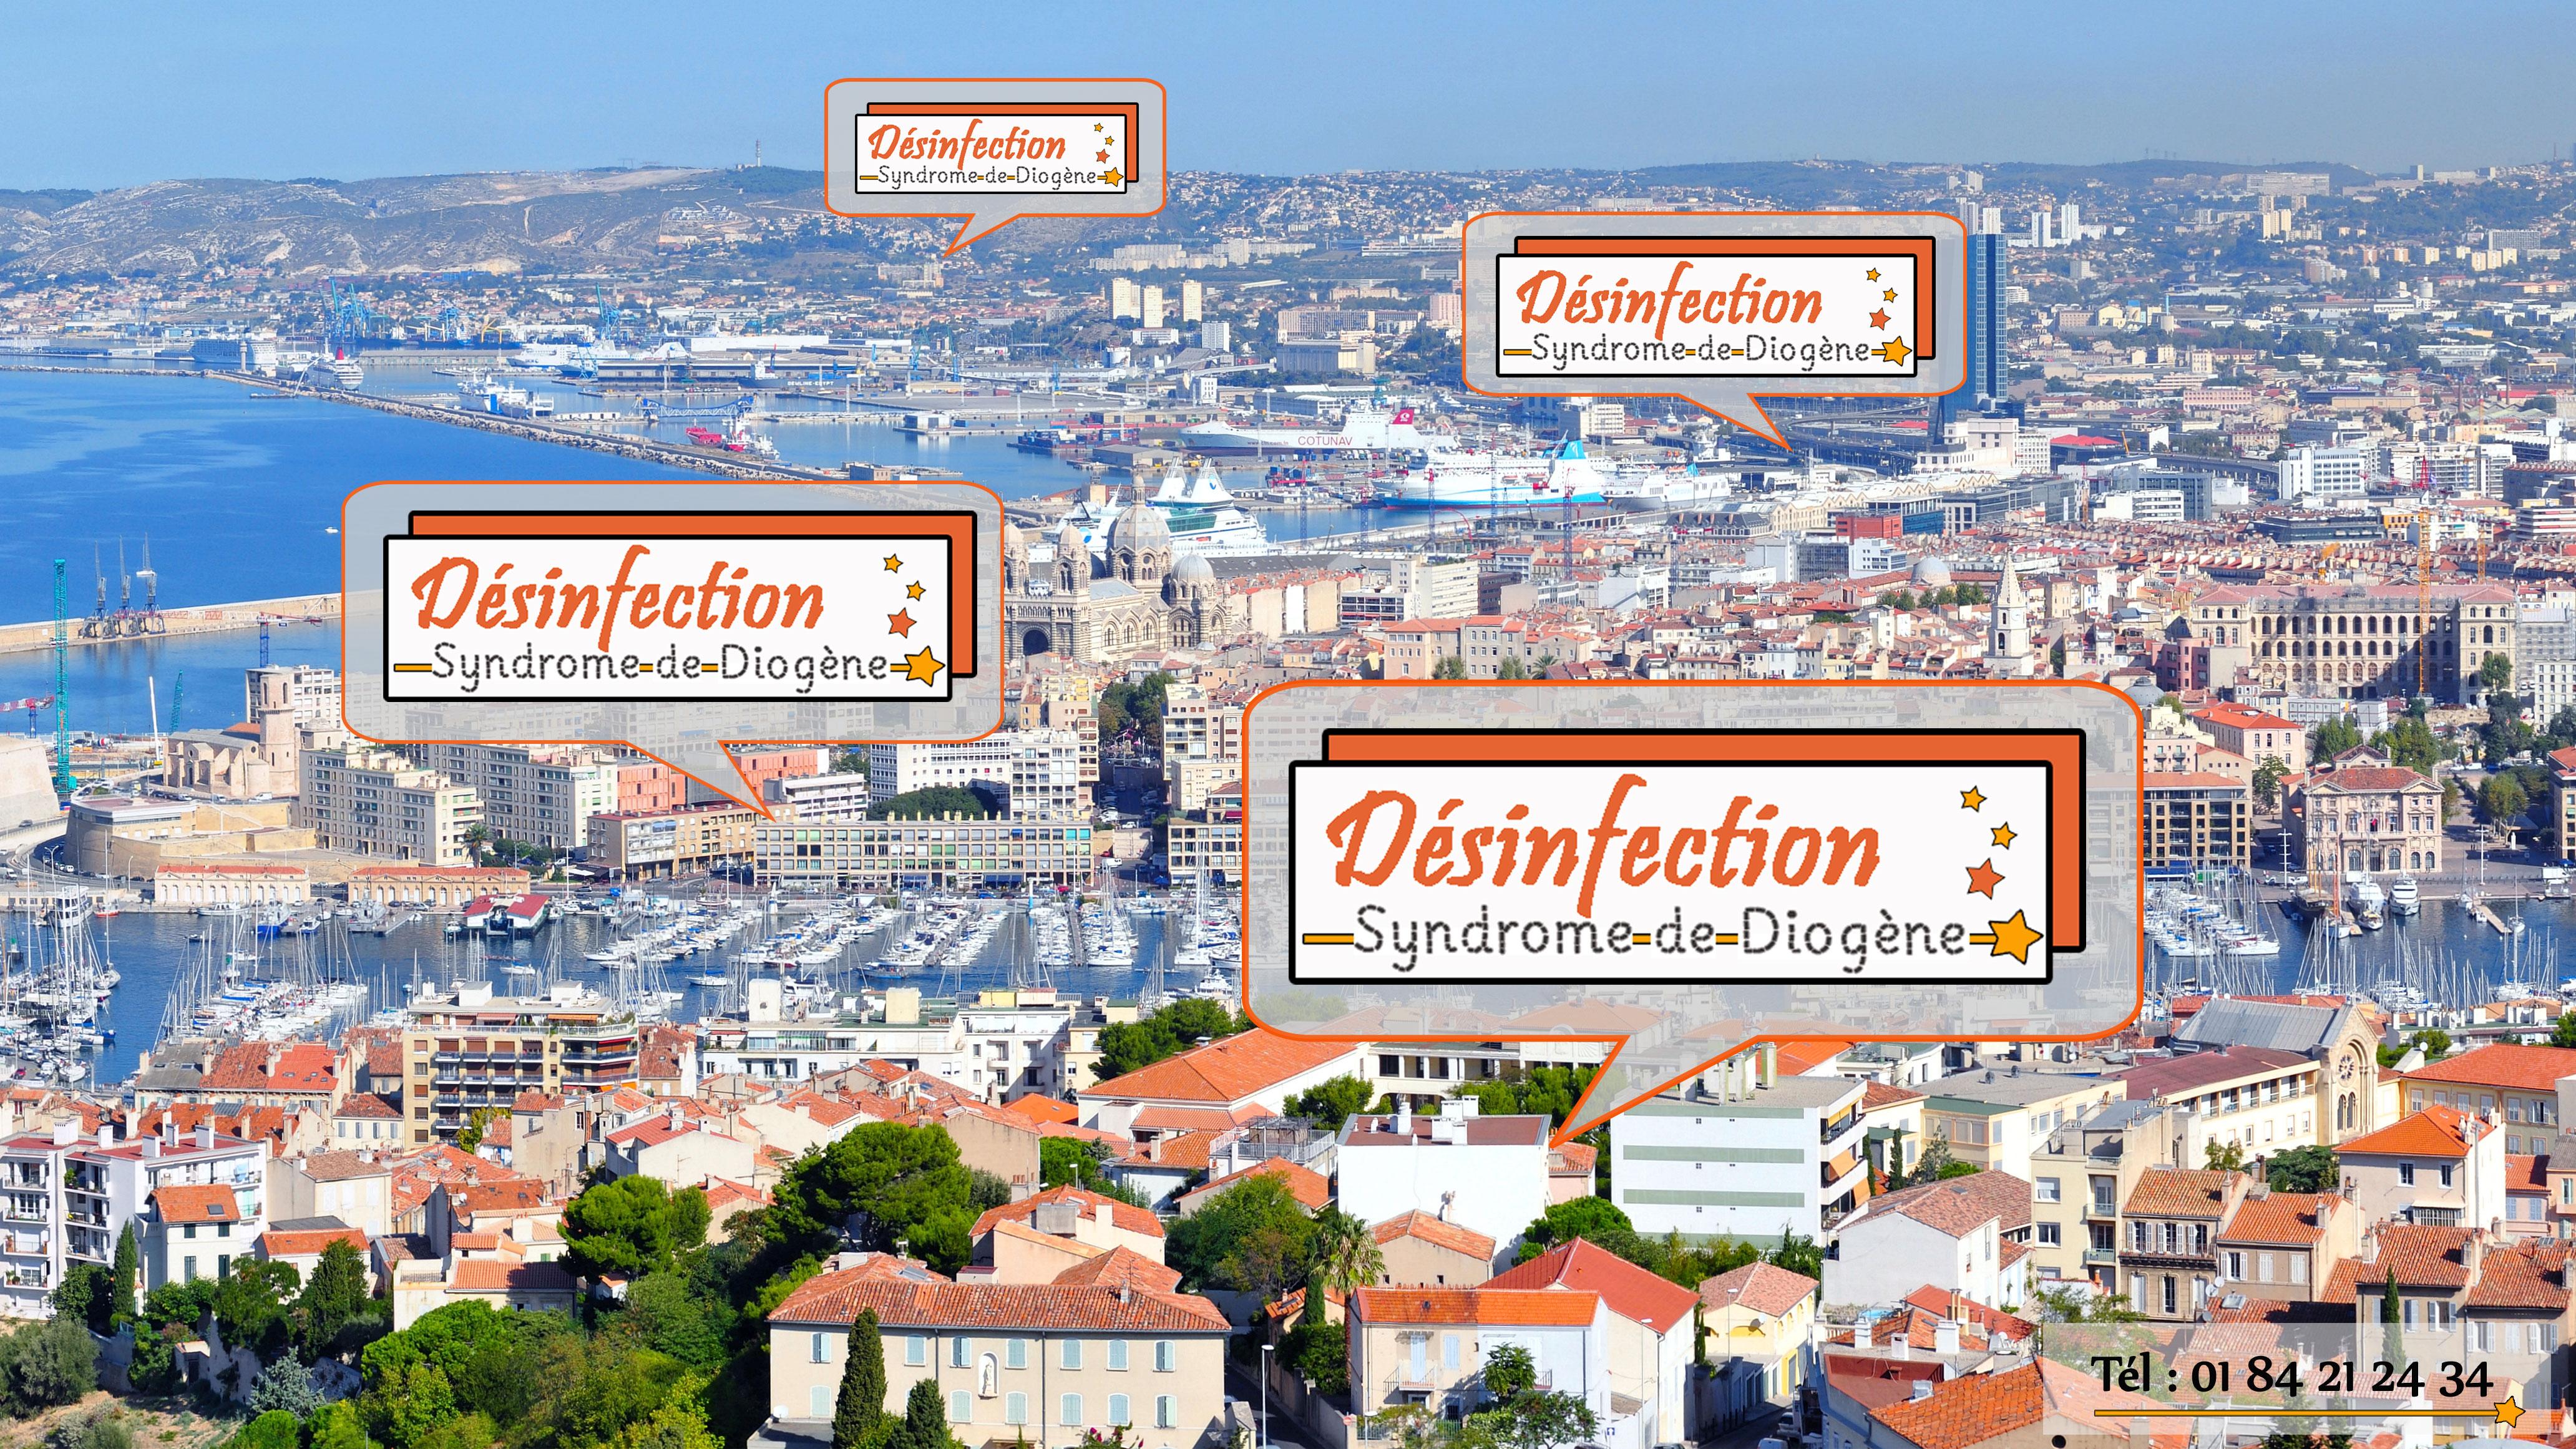 Notre entreprise Désinfection Syndrome Diogène intervient à Marseille et dans la région PACA pour toutes vos demandes de nettoyage et de désencombrement.